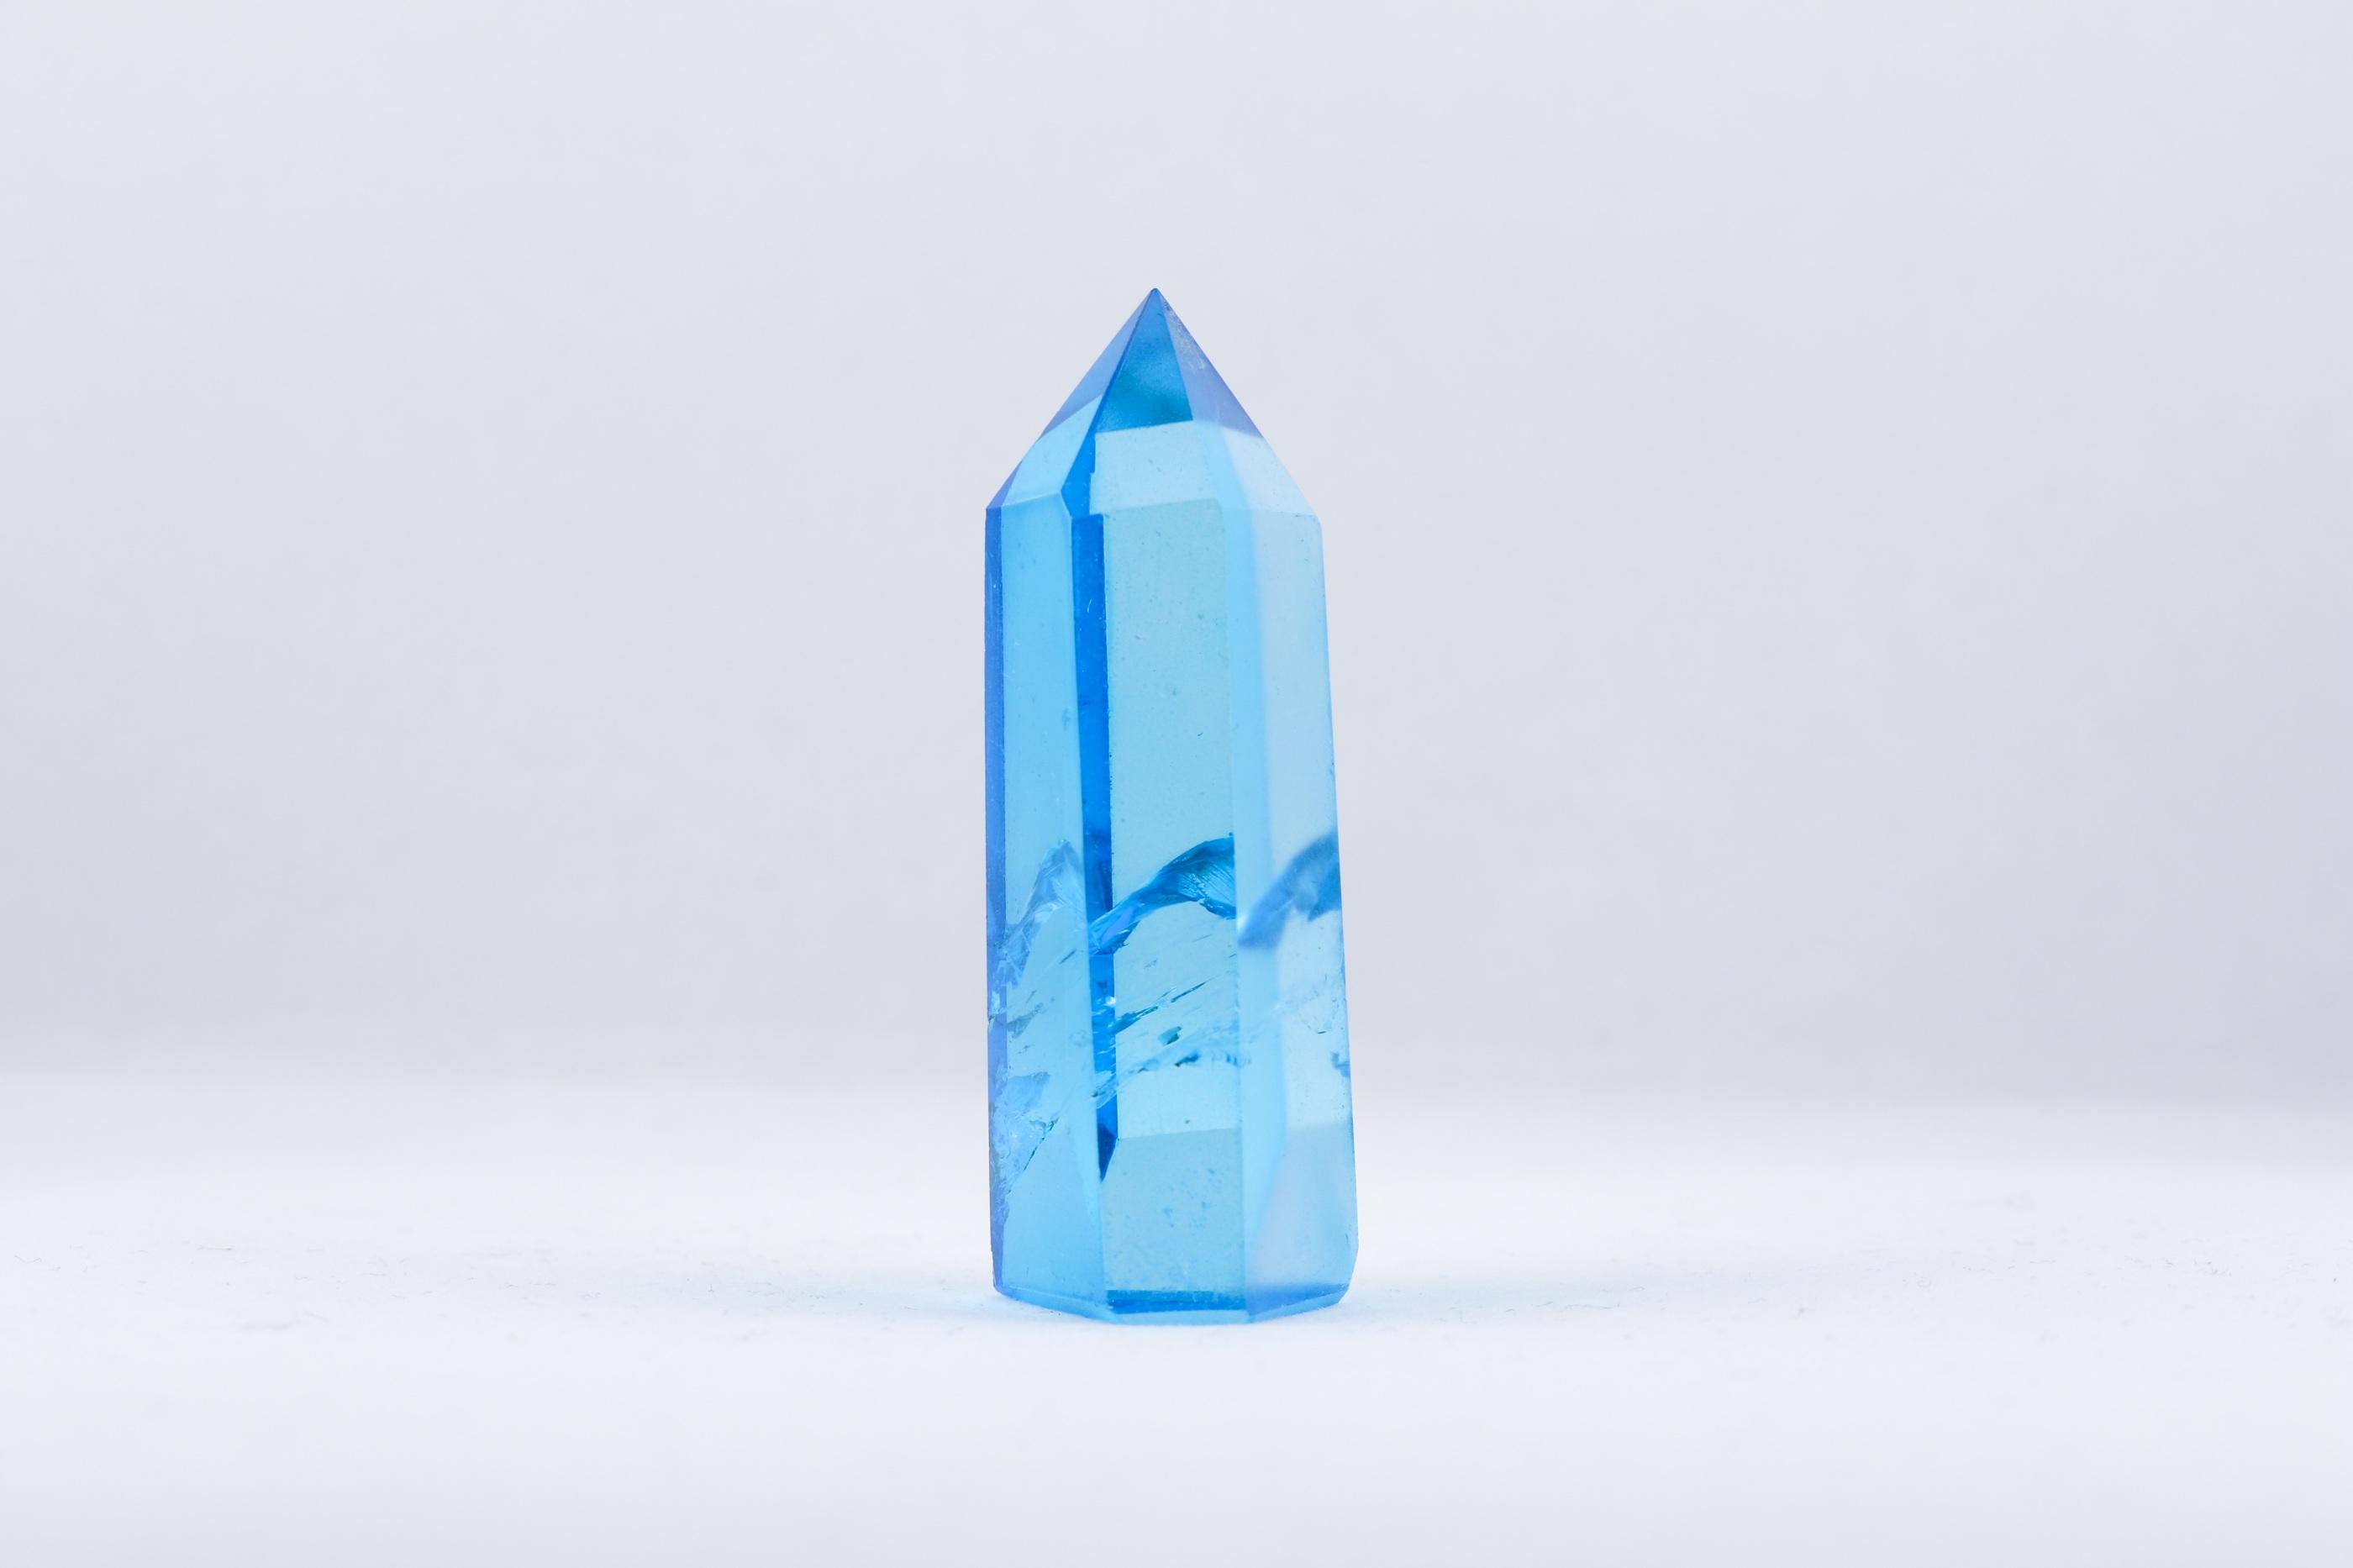 Aqua Aura stav spets trumlade spets stav kristaller slipade stenar healing stenar chakra stenar Wellness Ayurveda Halmstadmassören Halmstad Sverige Sweden svensk